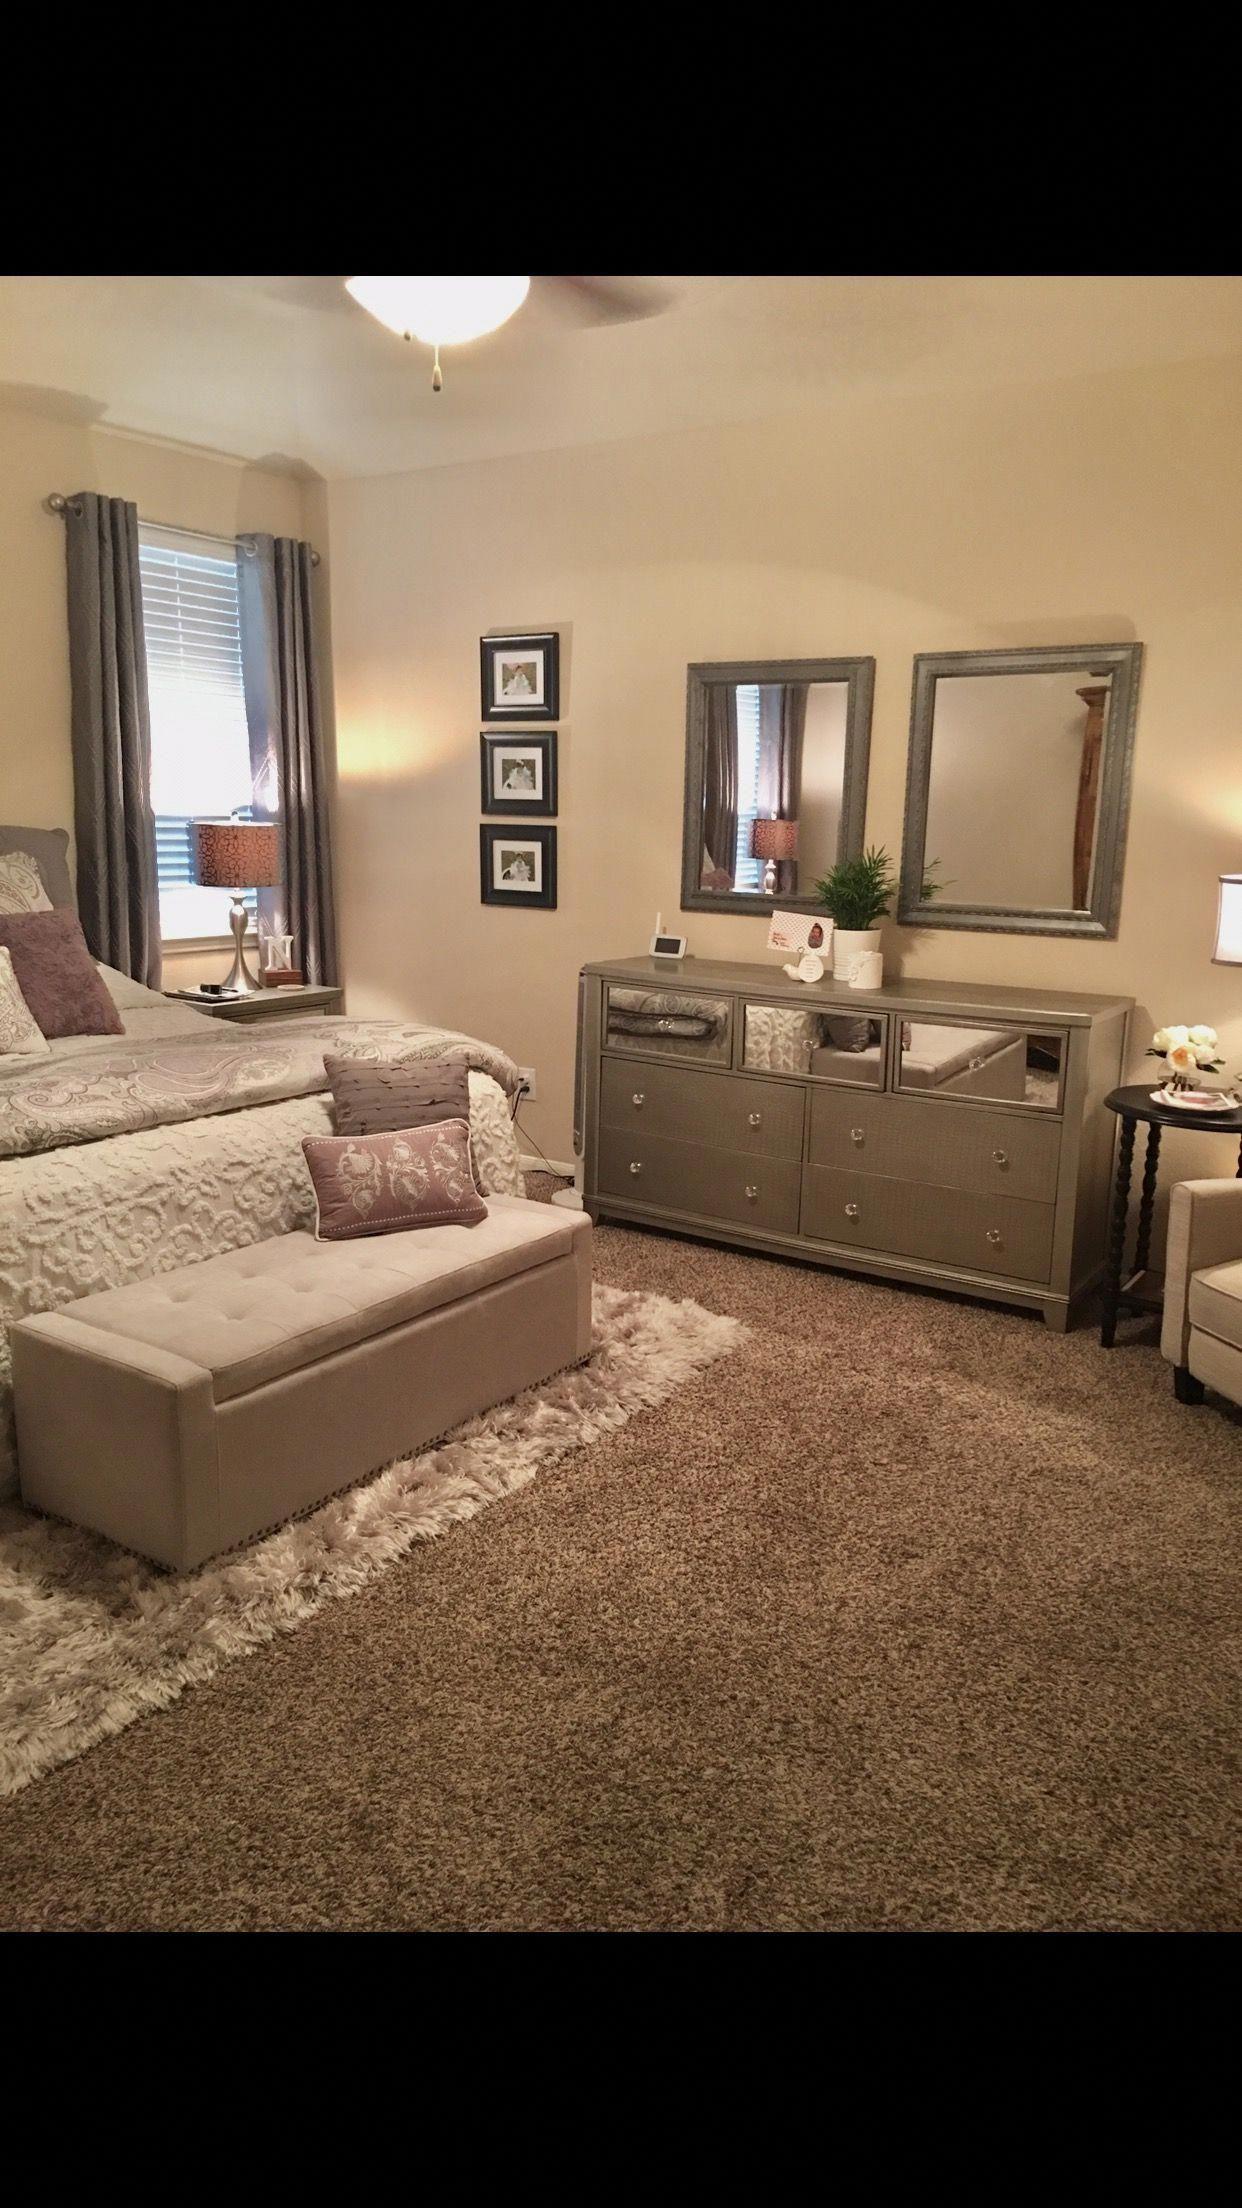 Bedroom decor ideas bedroomideasonthego Bedroom